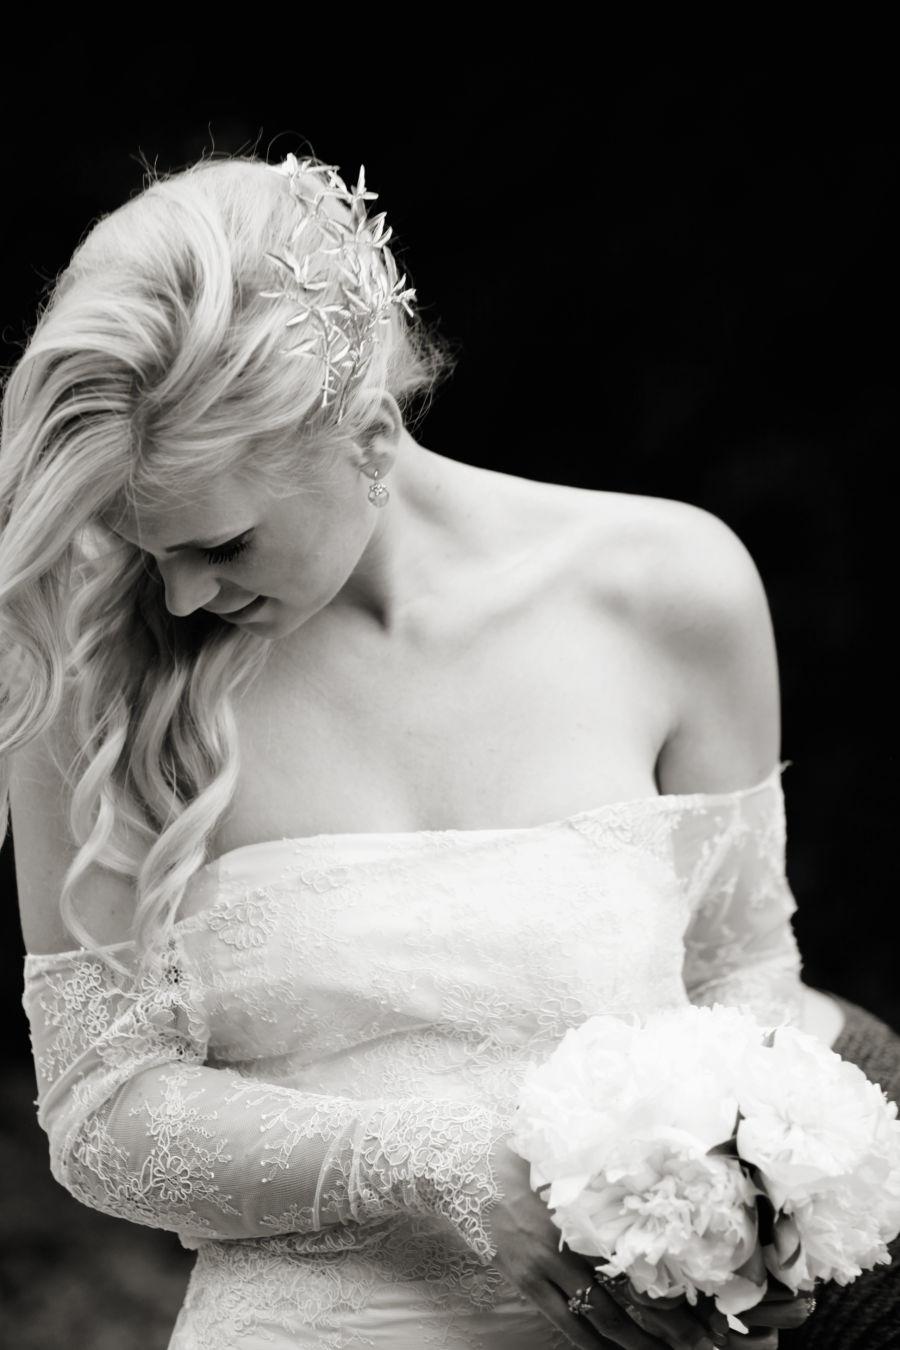 brud#bröllopsfoto#bröllopsfotograf#fotograf#fotografskane